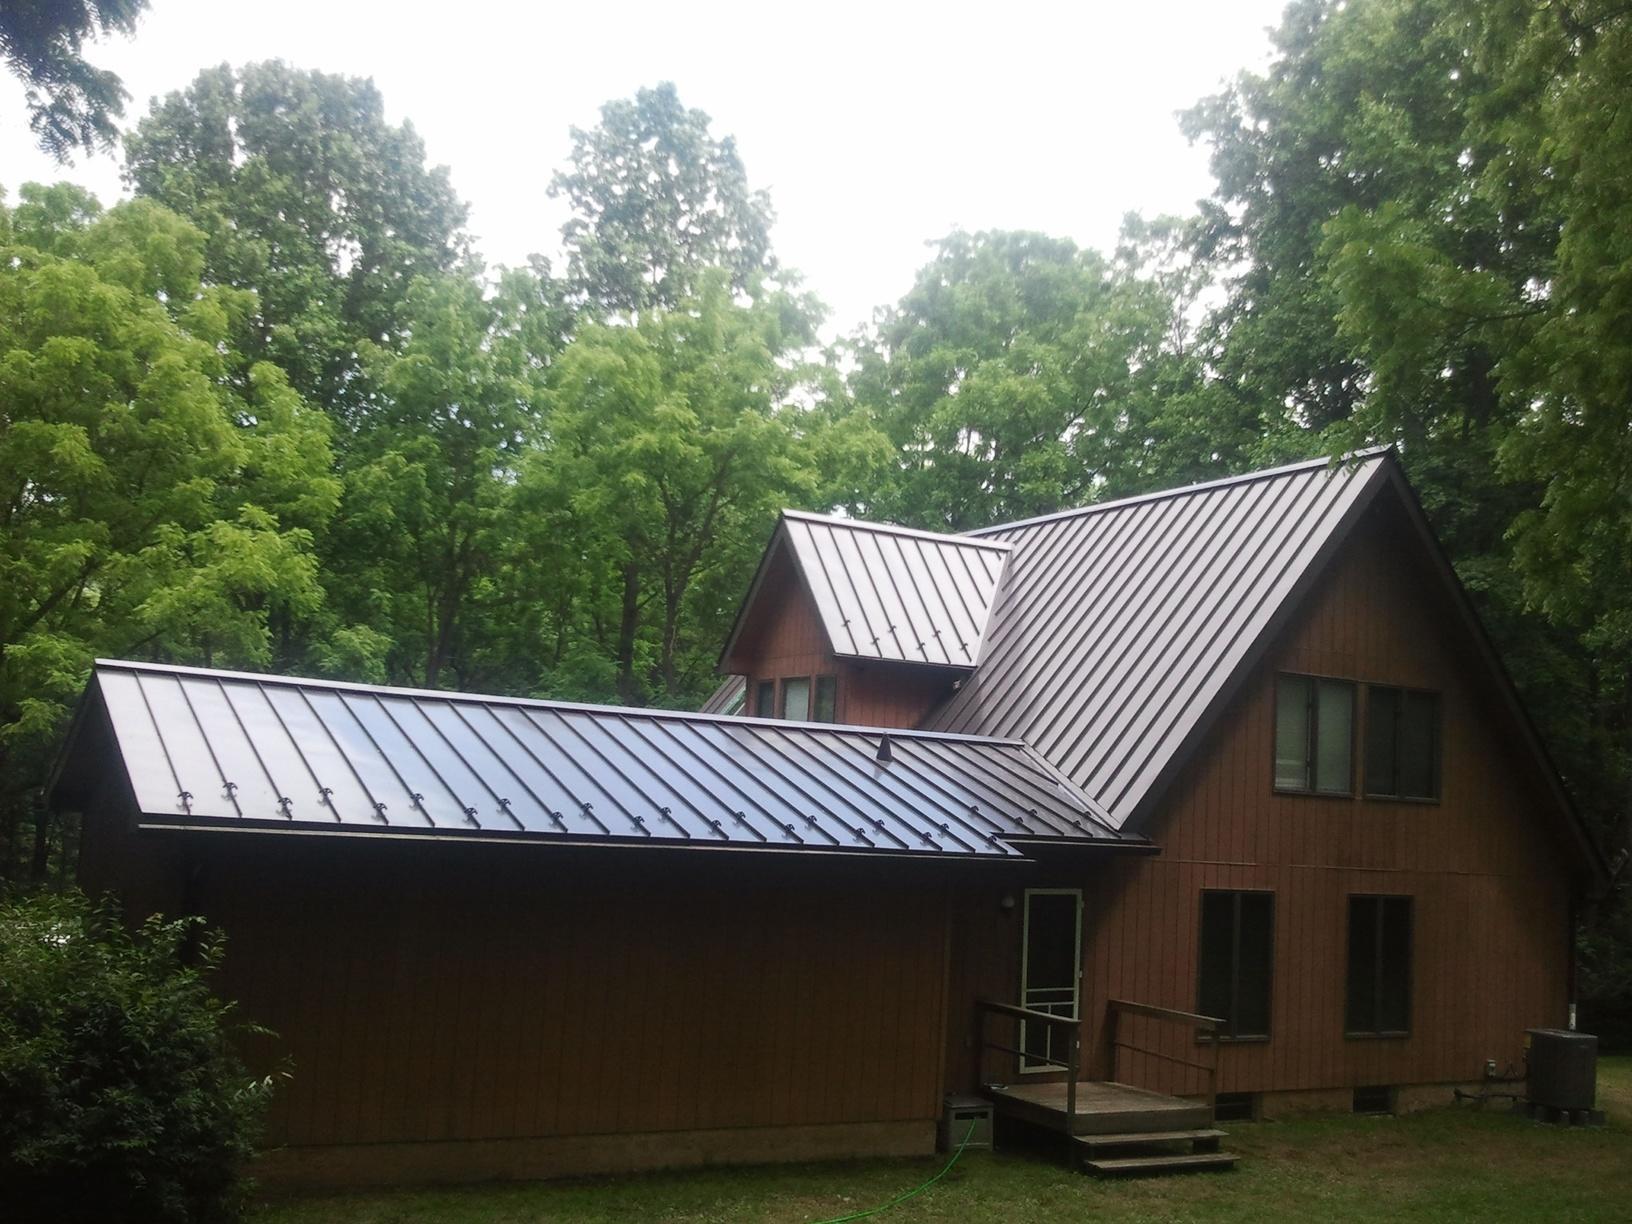 Standing Seam Metal Roof in Tabernacle, NJ